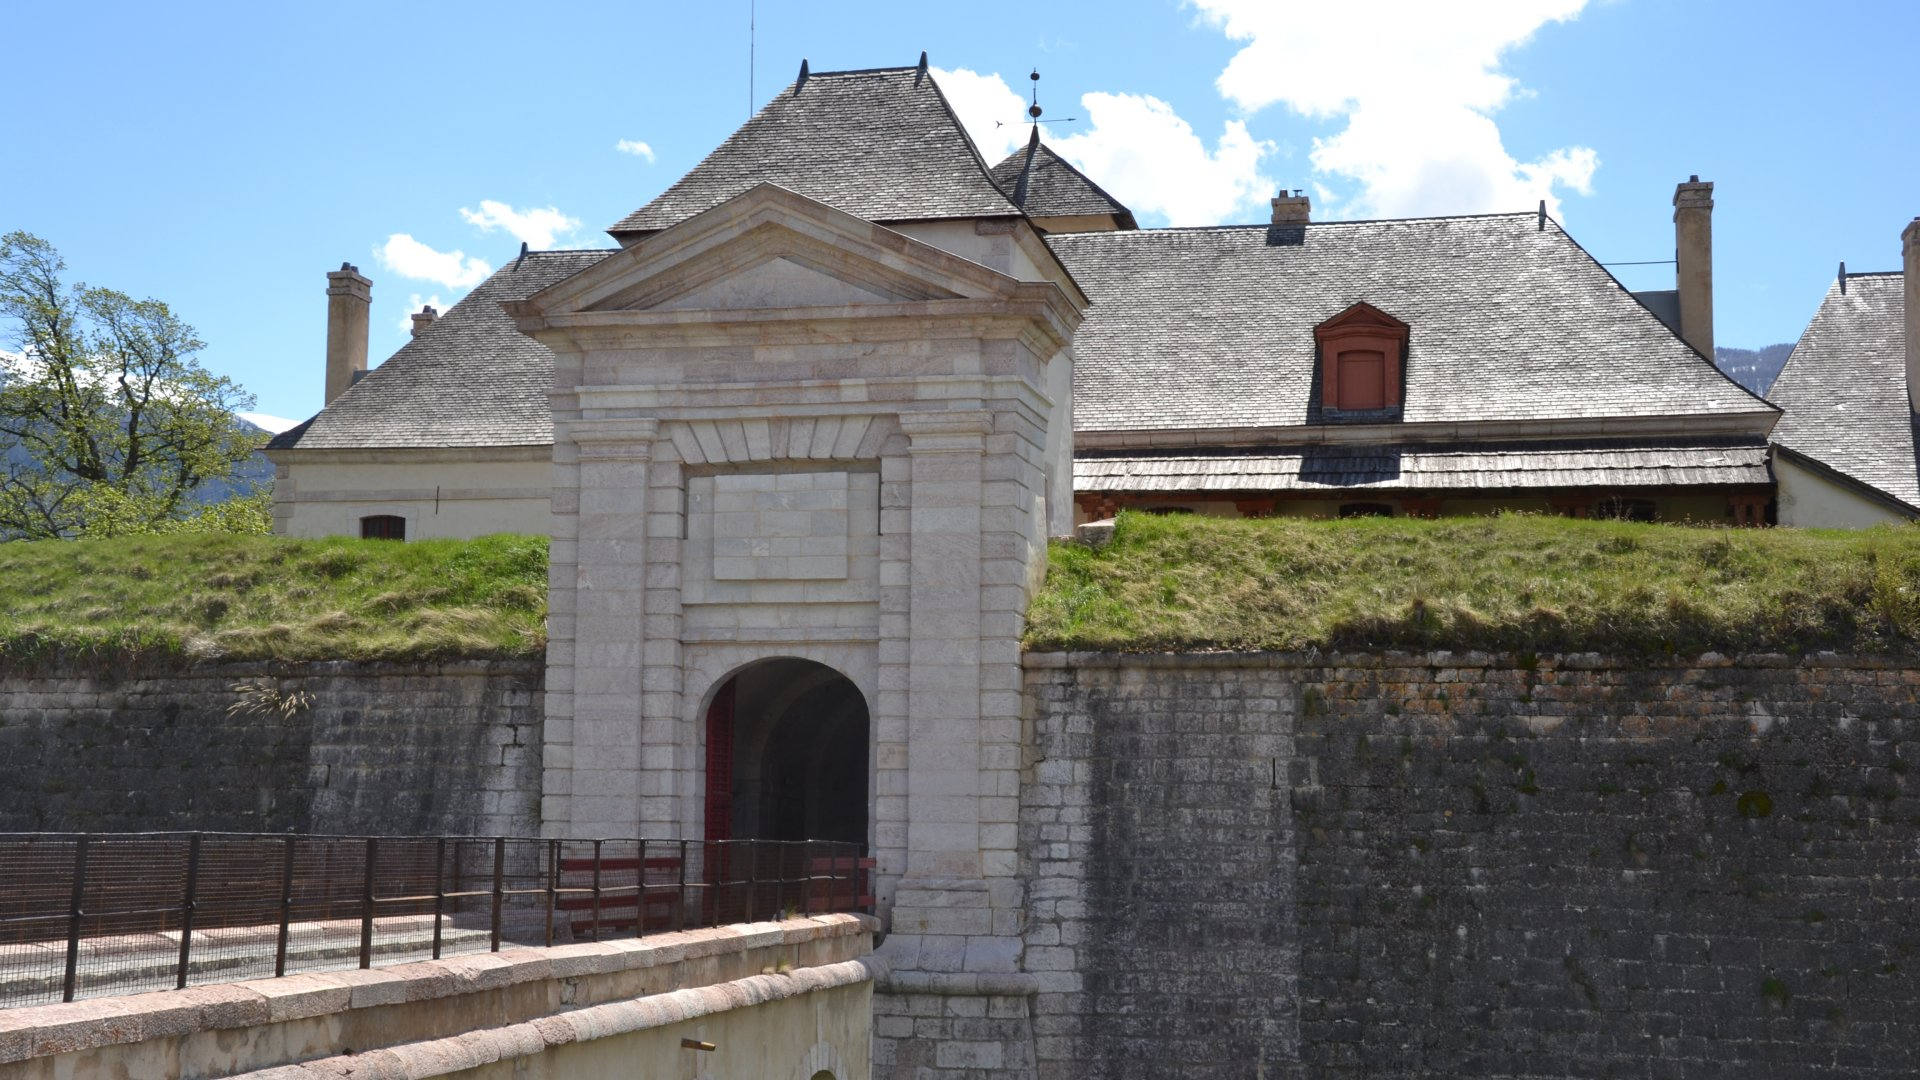 Porte de Briançon